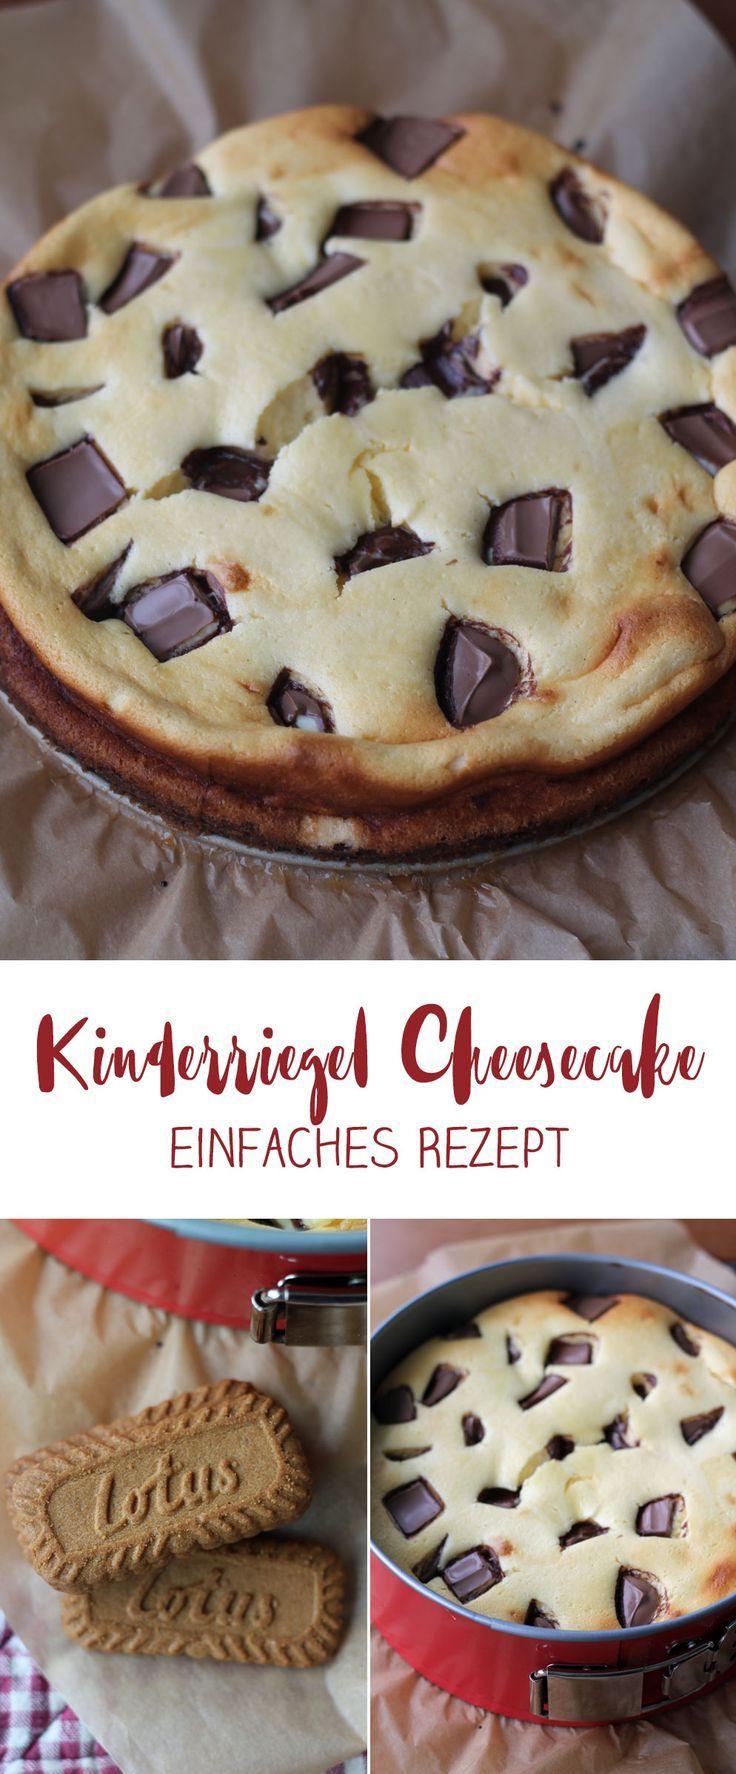 Sonntags-Kuchen-Kinder-Bar-Käsekuchen mit Karamell-Keks-Basis   – Familienrezepte nicht nur für Kinder